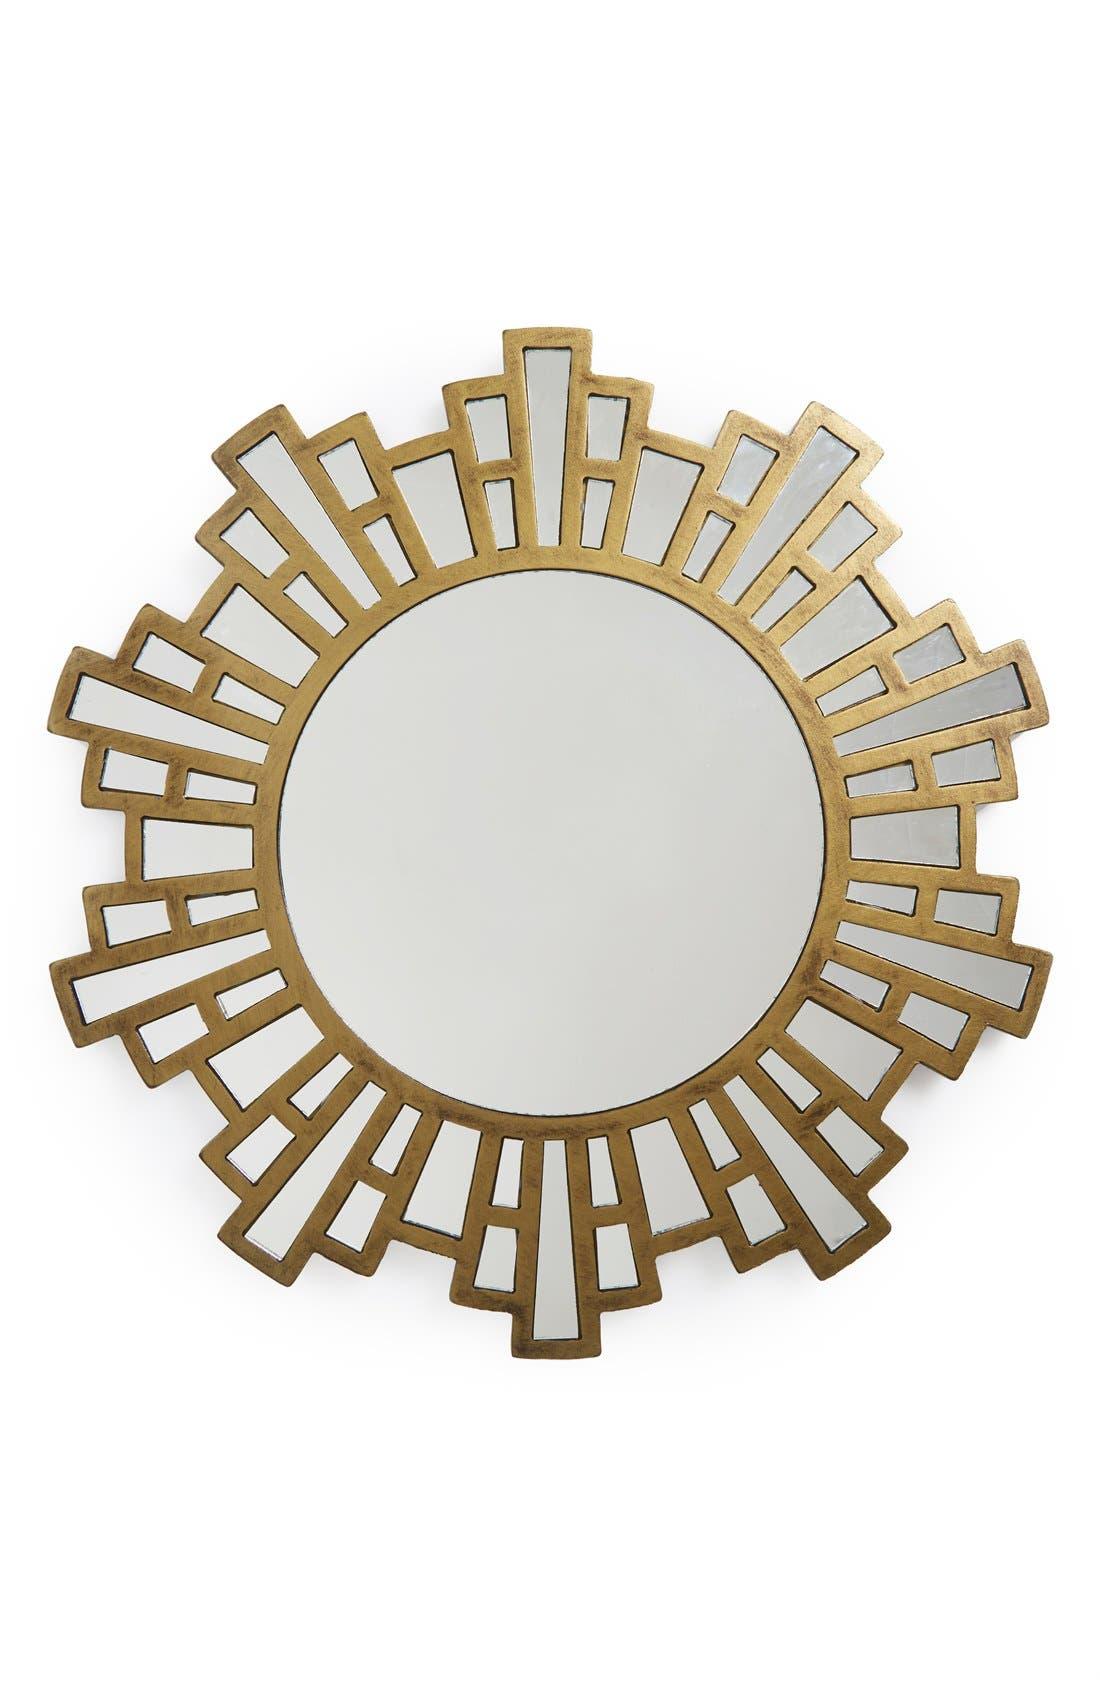 Alternate Image 1 Selected - Era Home 'Gold Starburst' Mirror